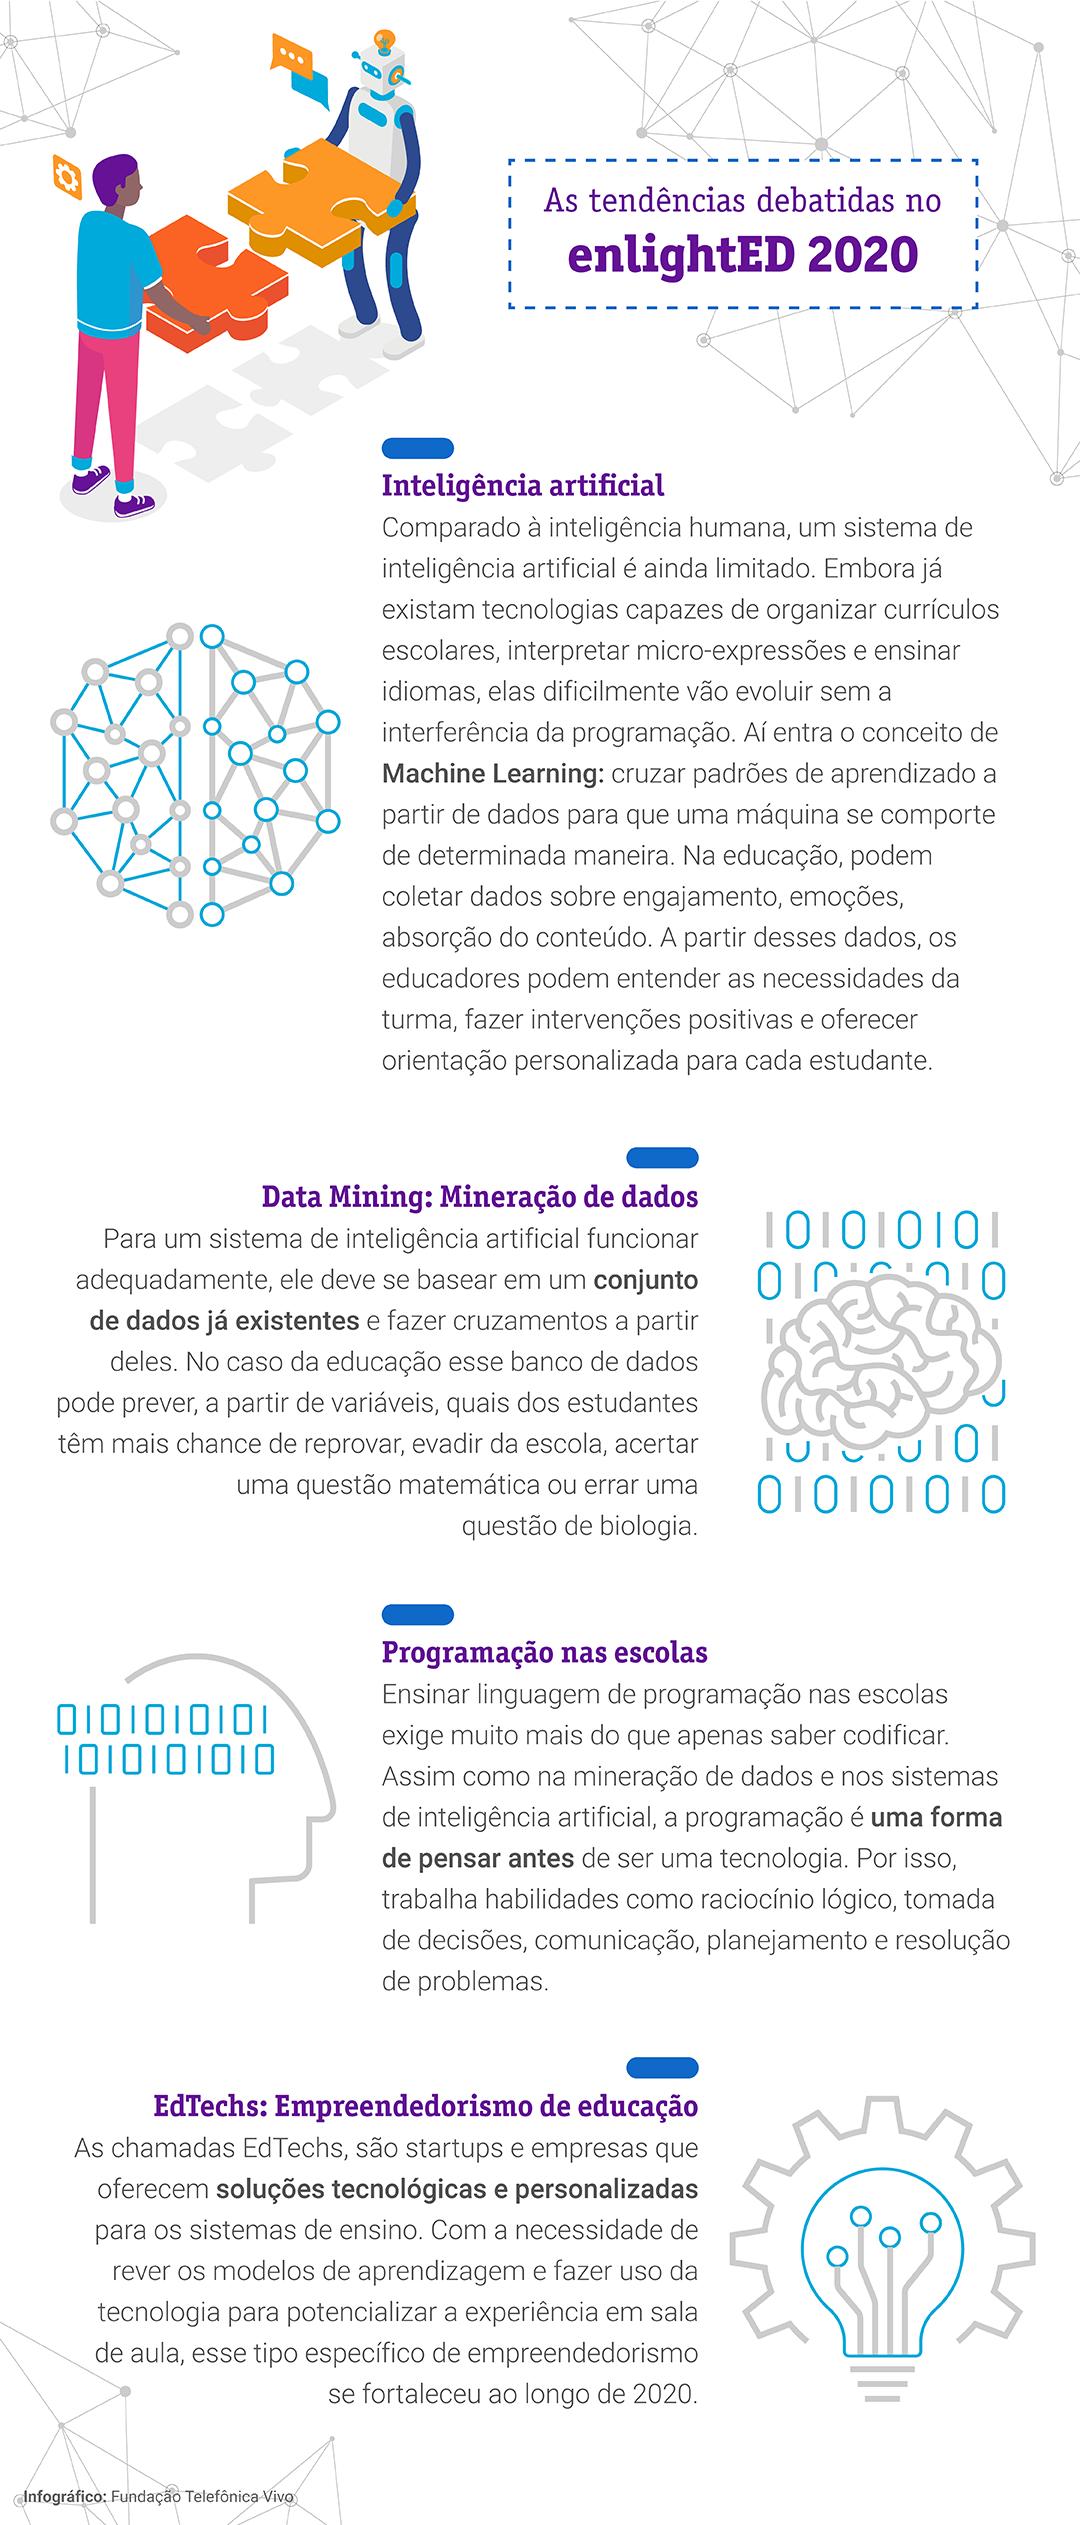 Infográfico traz as principais tendências debatidas no enlightED 2020: inteligência artificial, data mining, programação nas escolas e empreendedorismo na educação. O texto tem figuras no meio, com ilustração que remetem ao cérebro humano e objetos que simbolizam criatividade, como uma lâmpada.